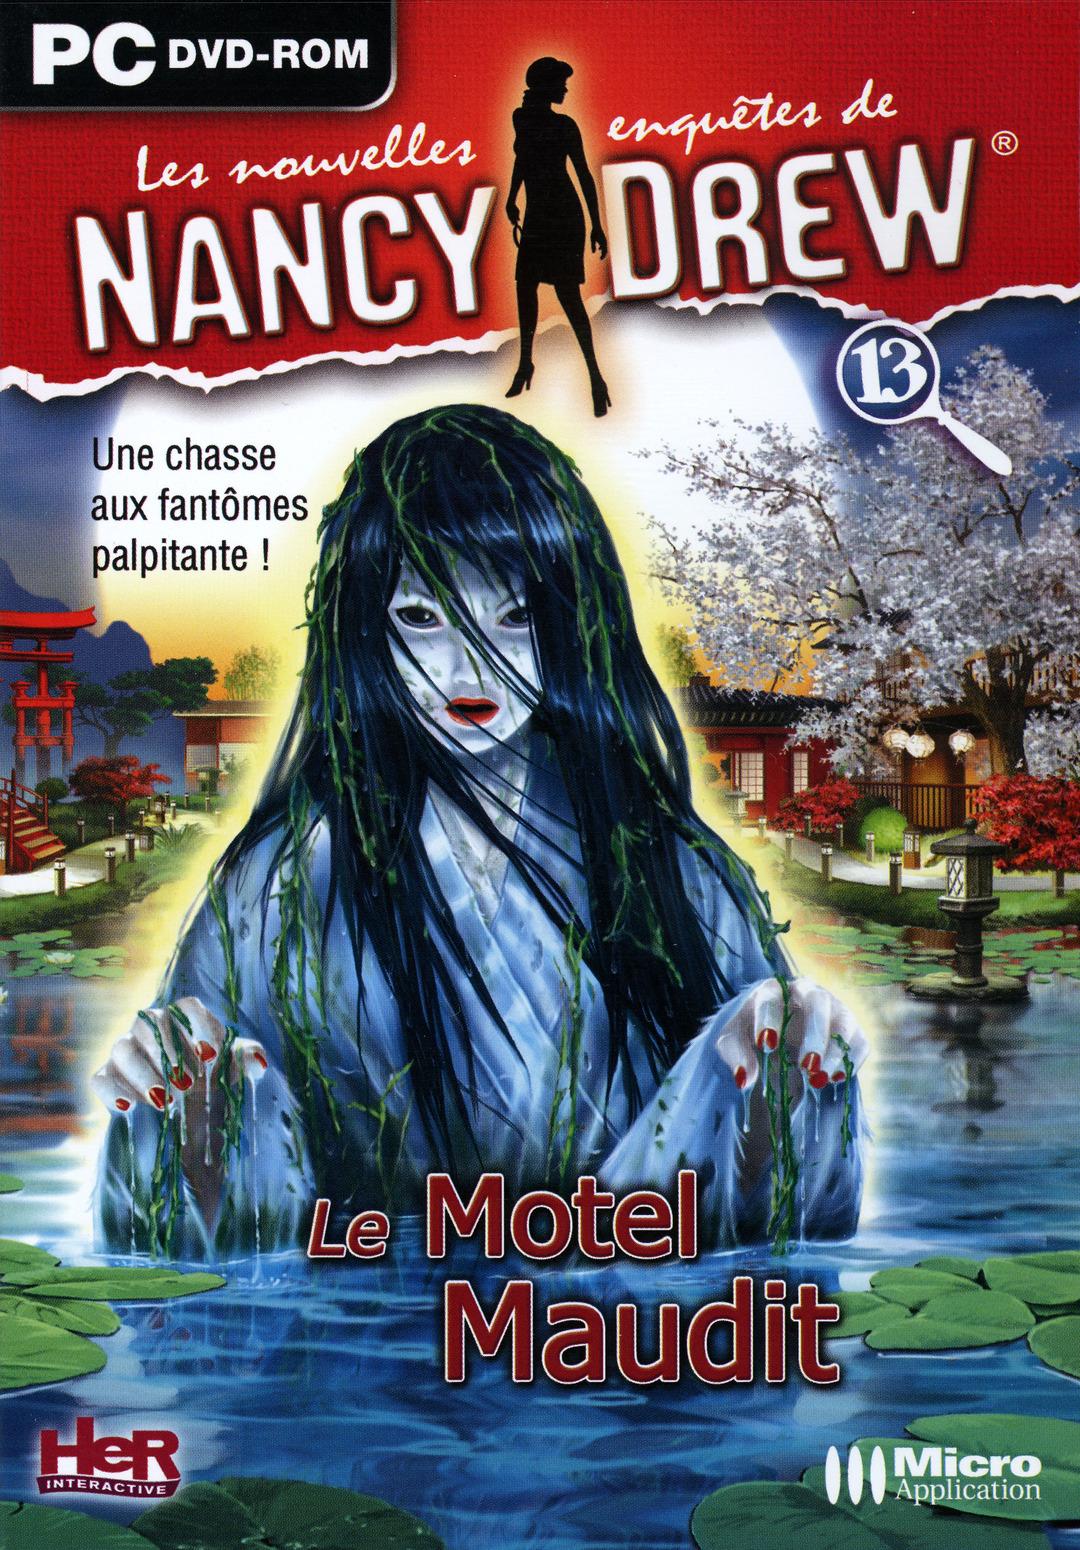 Les Nouvelles Enquêtes de Nancy Drew : Le Motel Maudit PC - 1 (-1